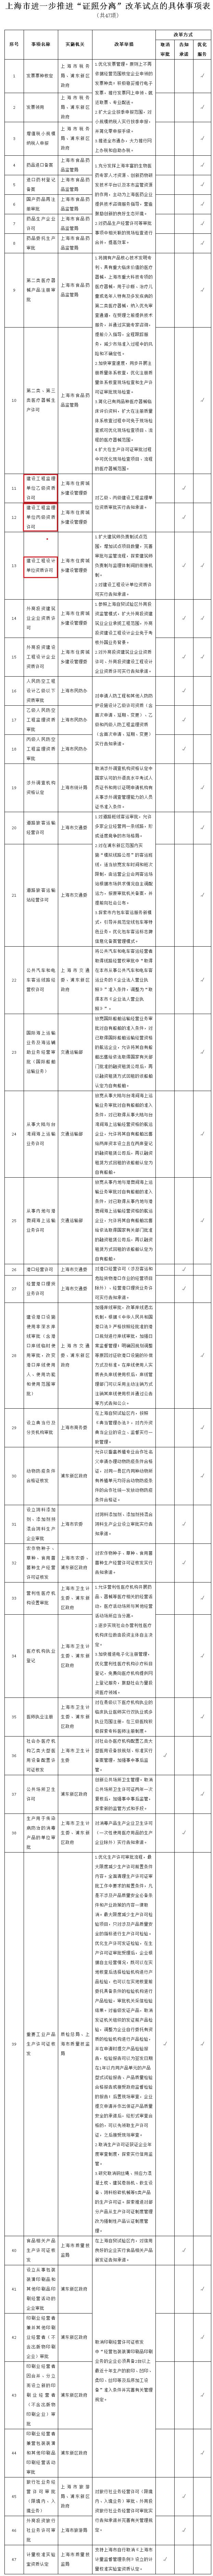 国务院:同意再扩大上海建筑师负责制试点,对企业资质实行告知_1